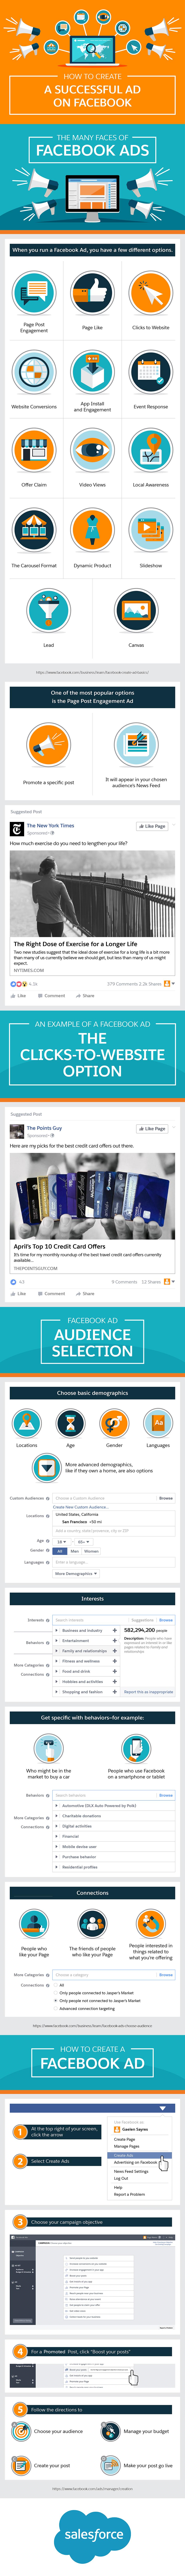 Aprende a crear anuncios exitosos en Facebook